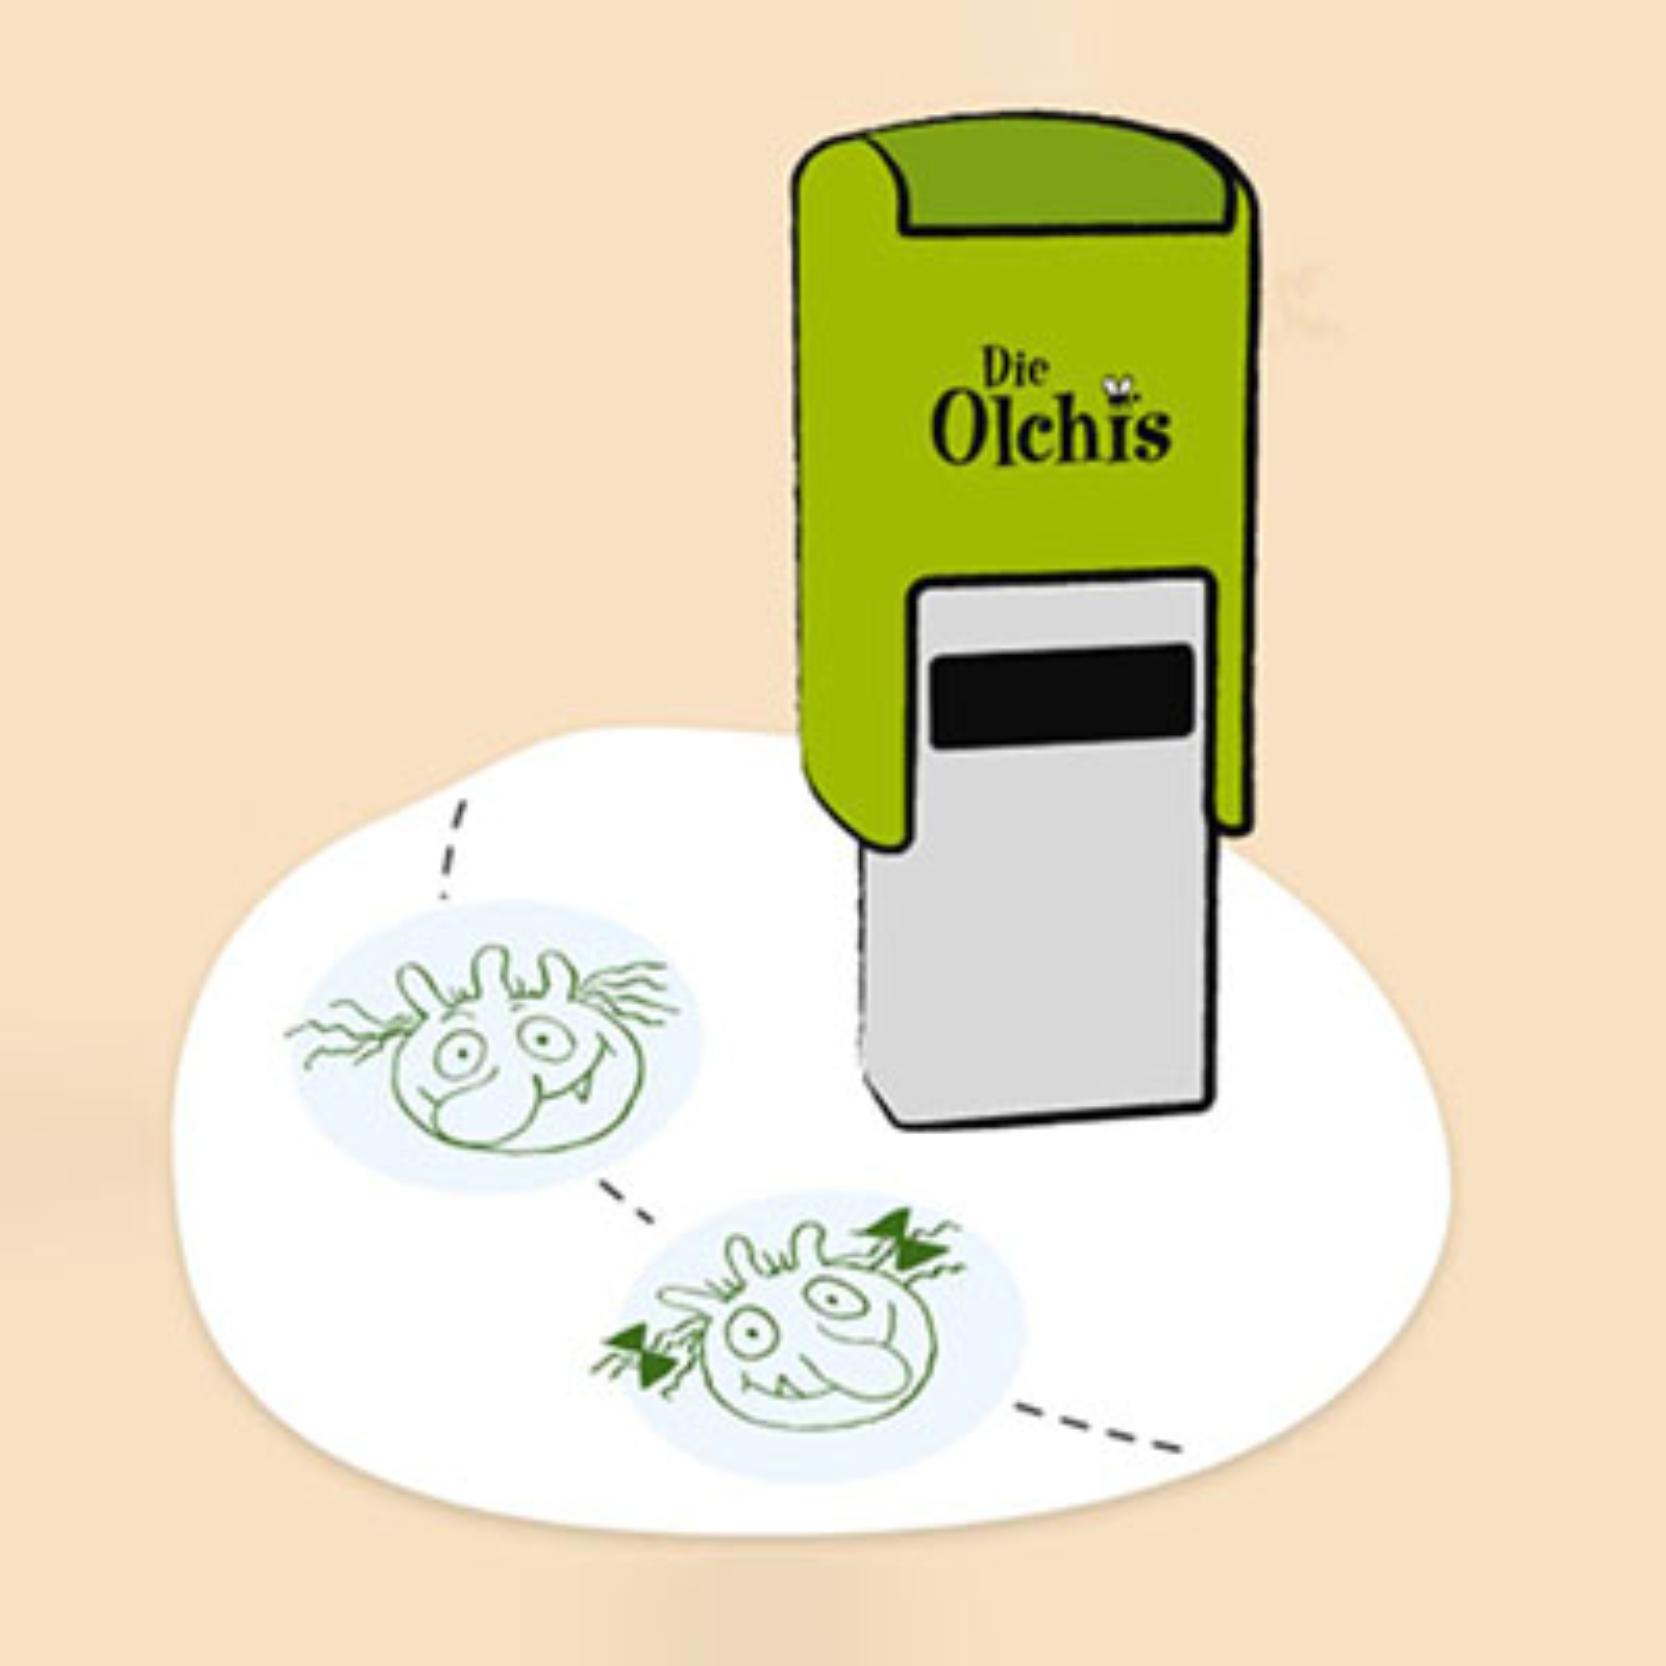 Wenn der Olchi verschwunden ist, gibt es zur Belohnung einen Stempel in den Stempelpass.